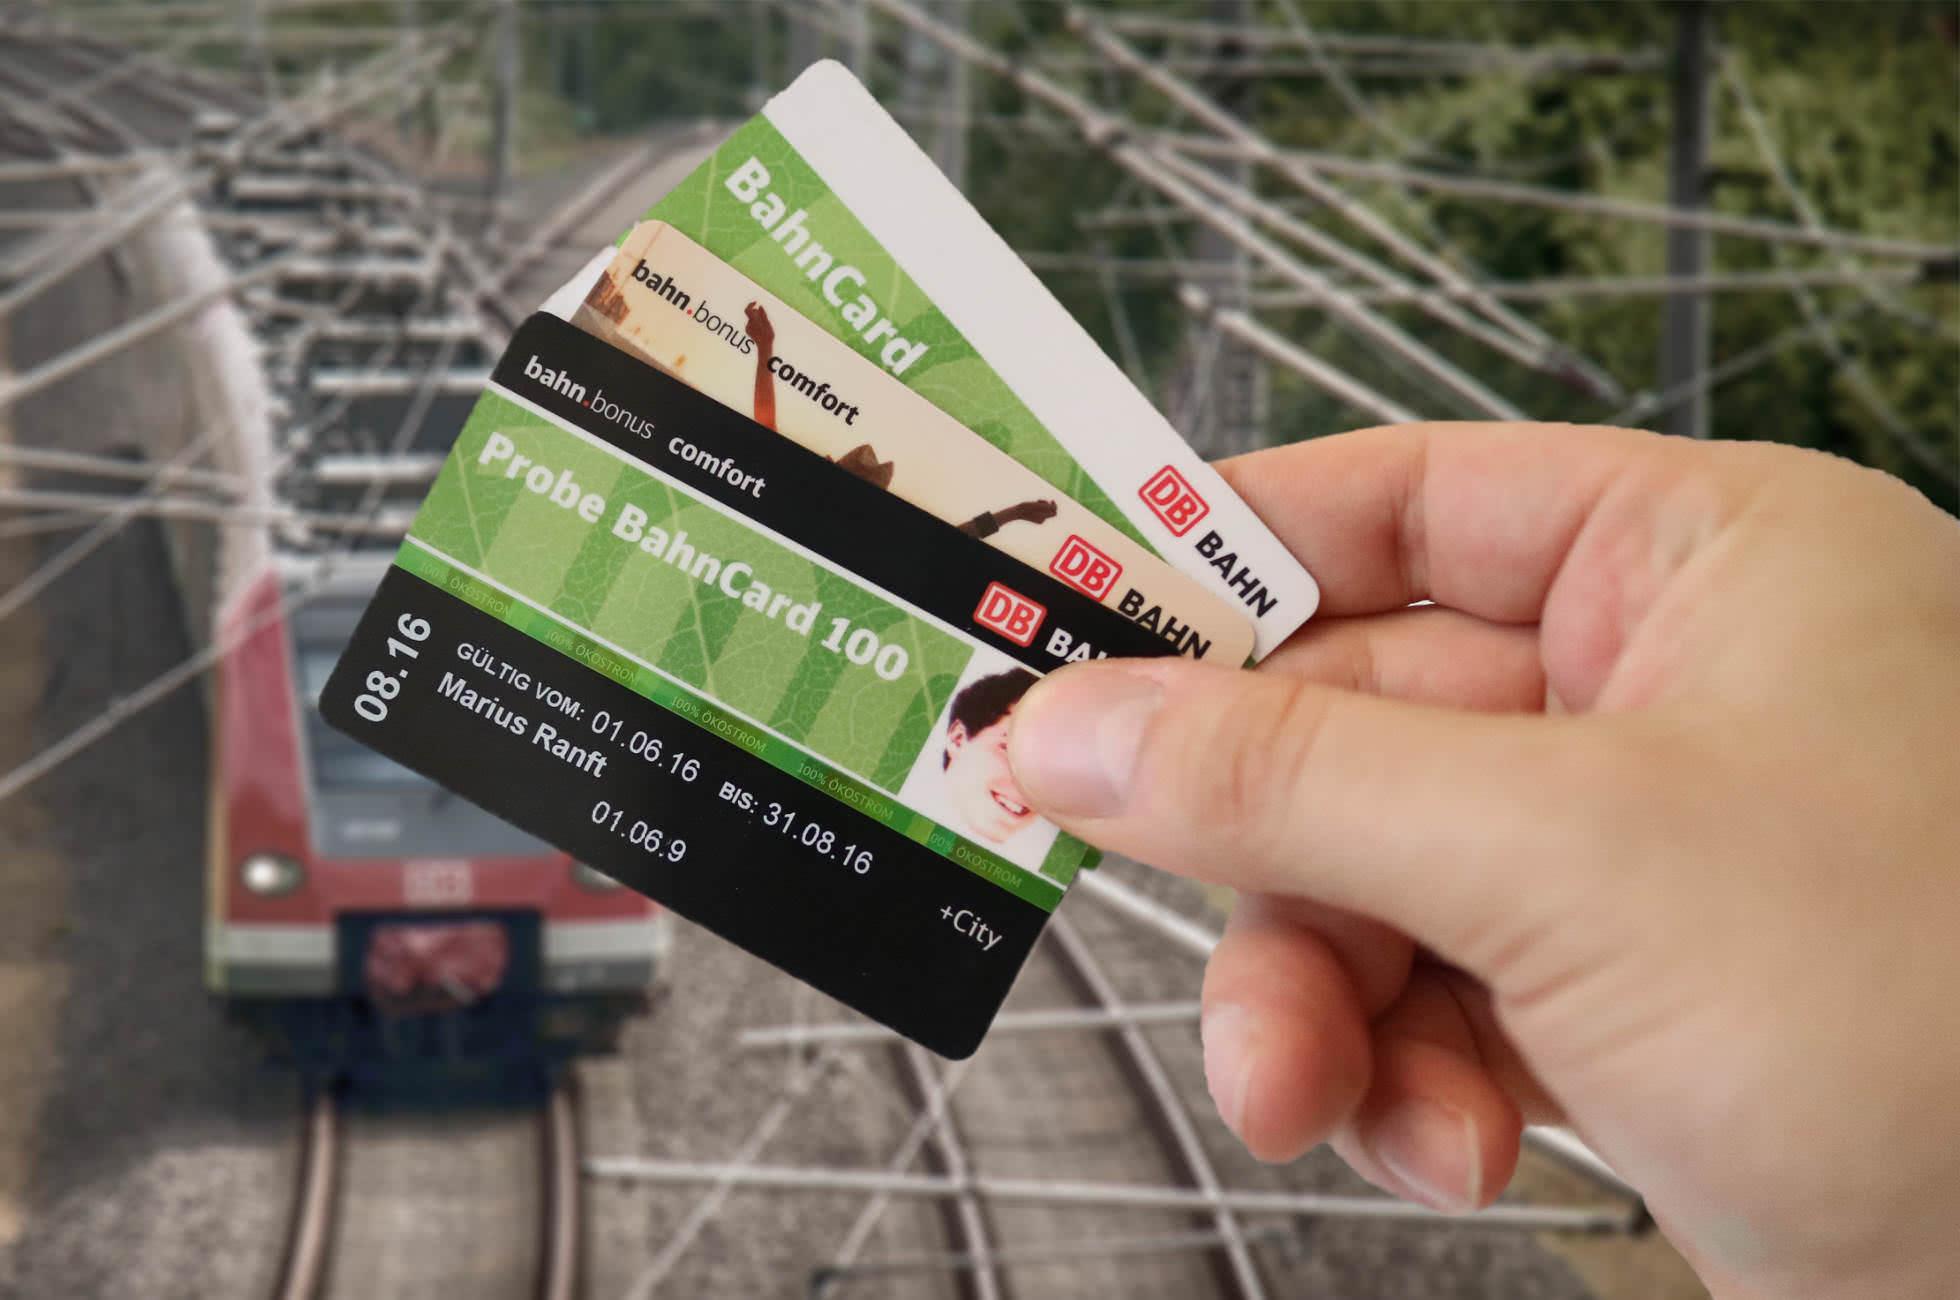 BahnCard 100 My BahnCard